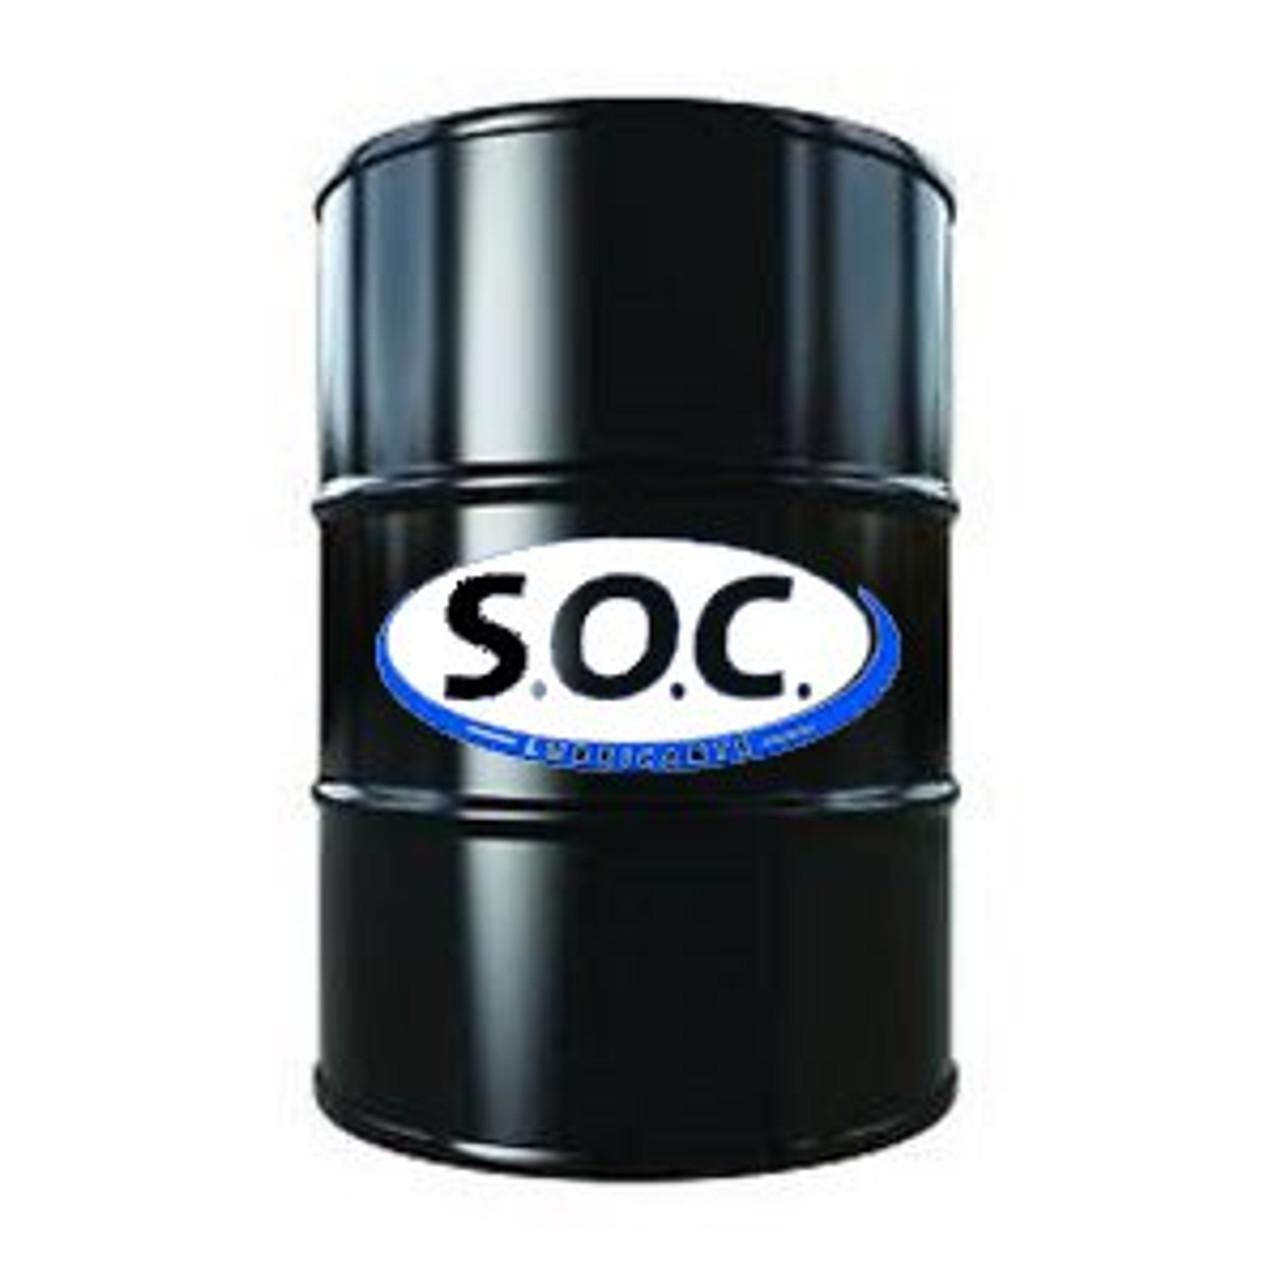 SOC Lubricants, AW46 hydraulic oil